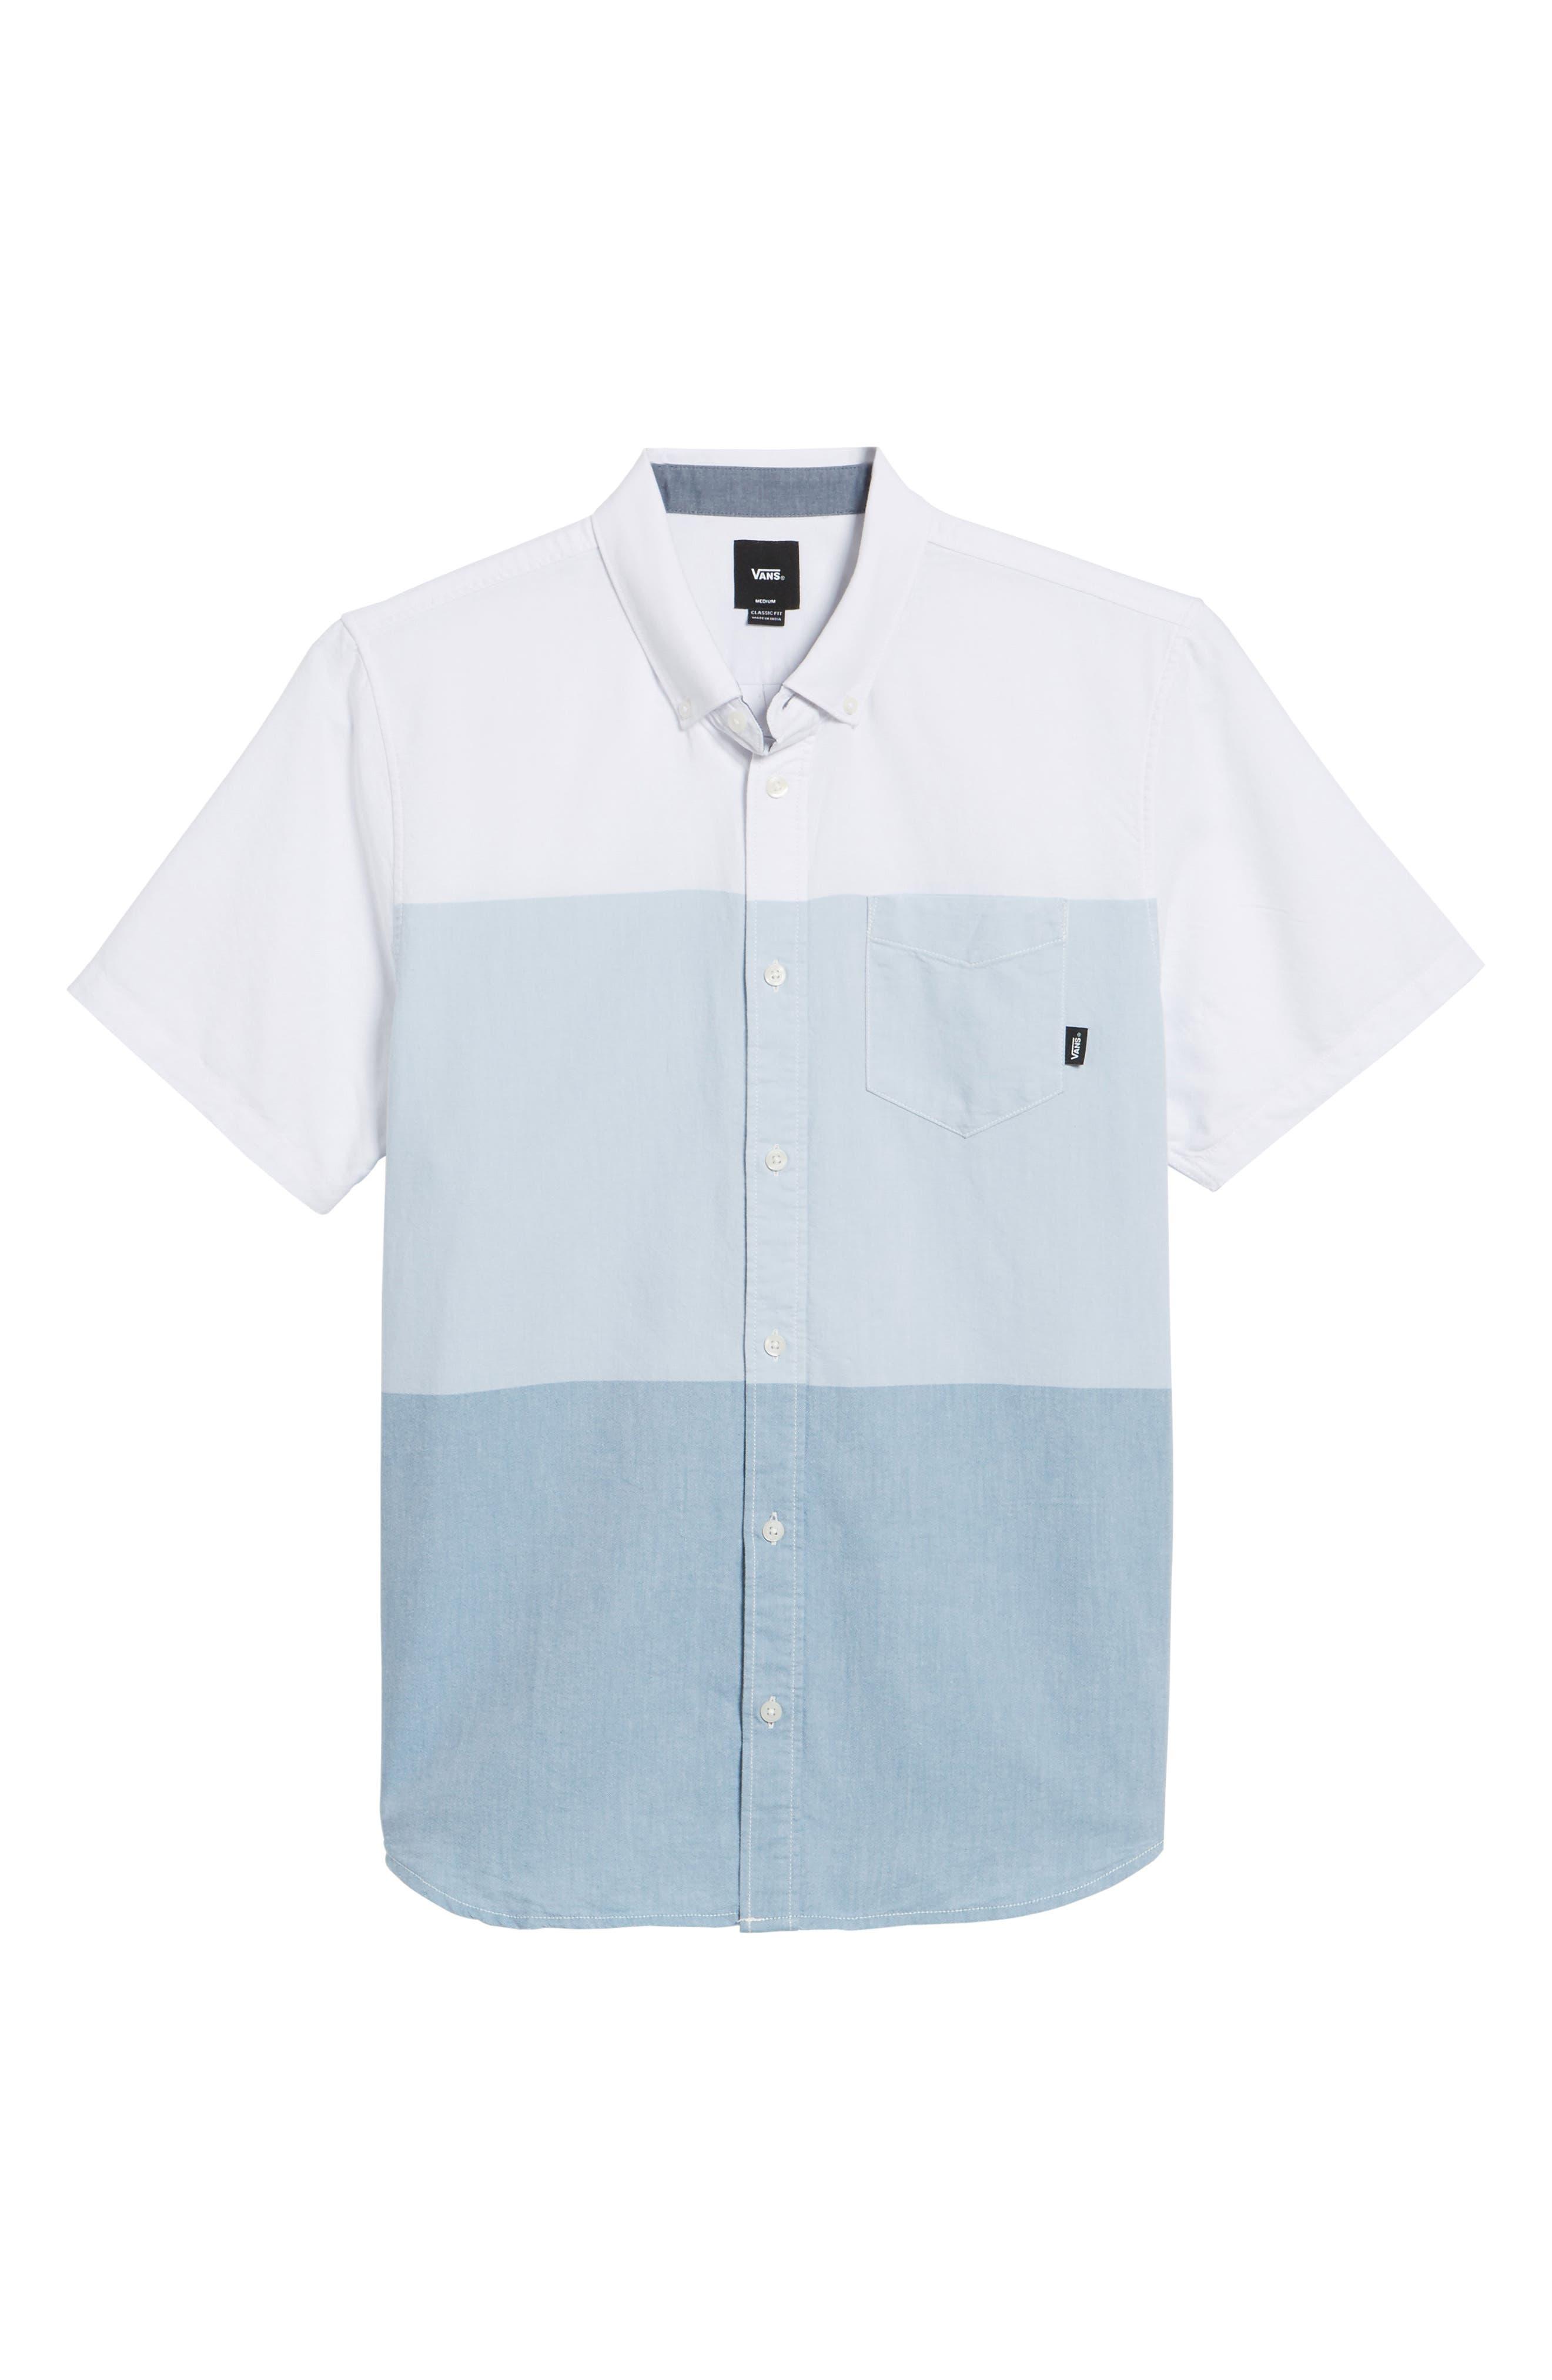 Houser Woven Shirt,                             Alternate thumbnail 6, color,                             100